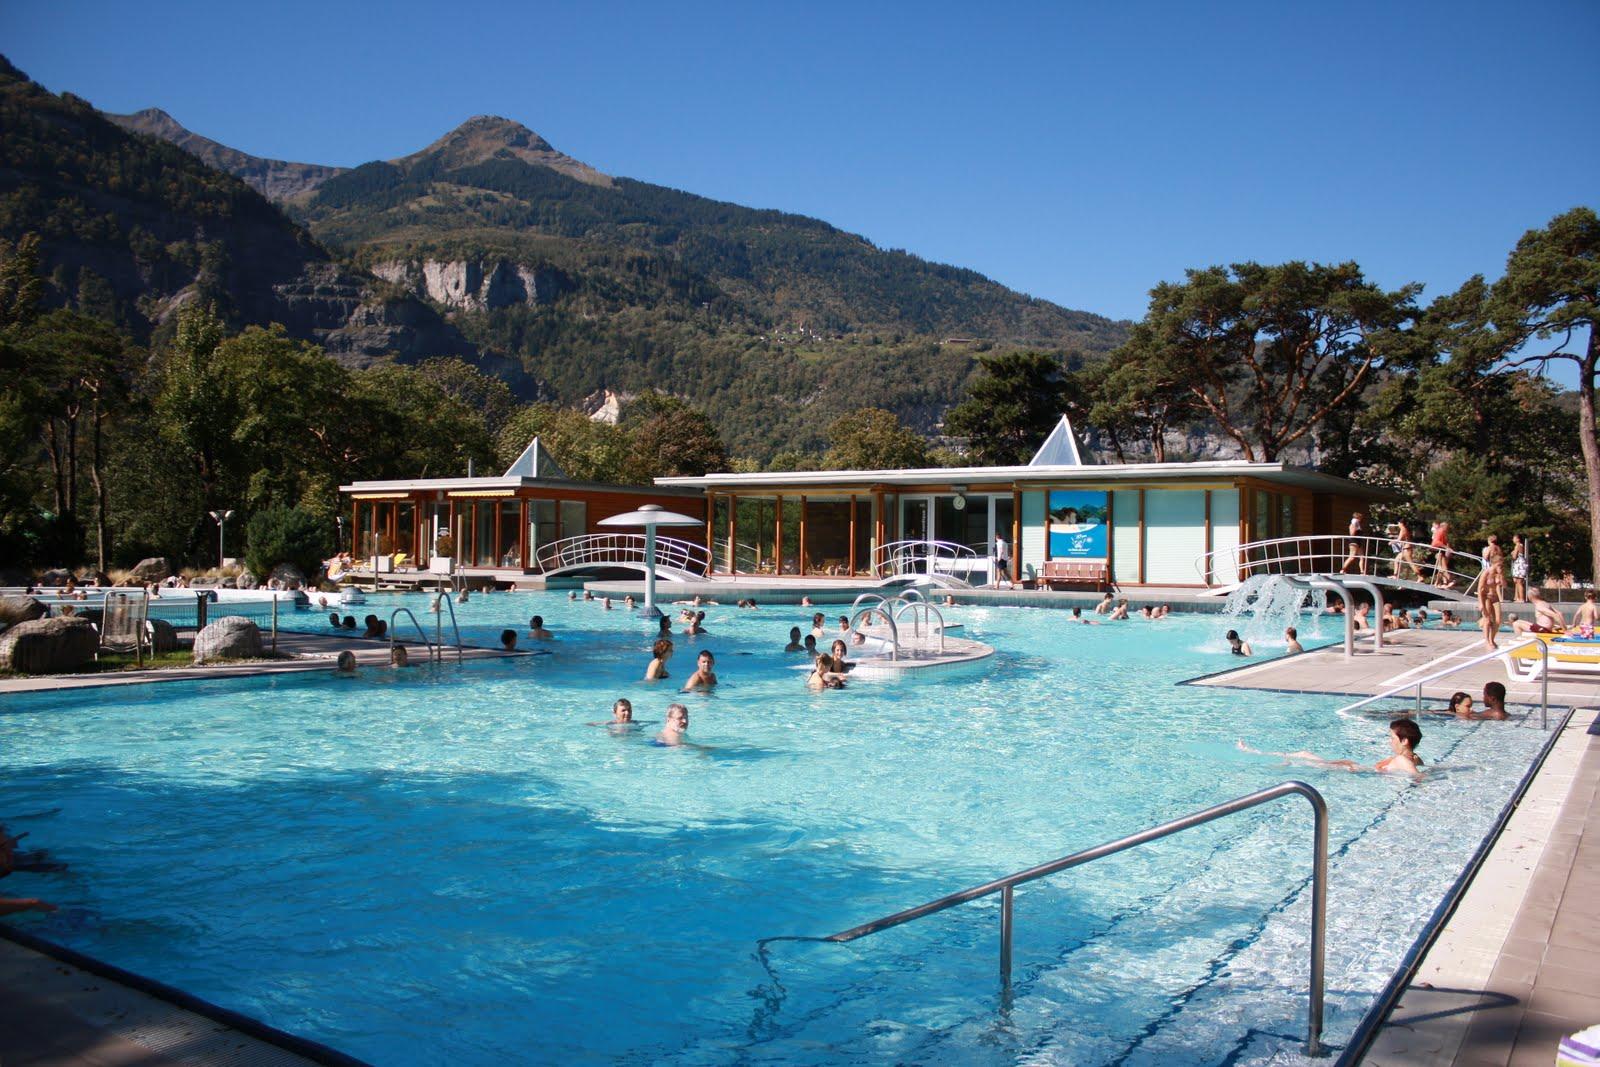 Lavey les bains image for Thalasso les bains